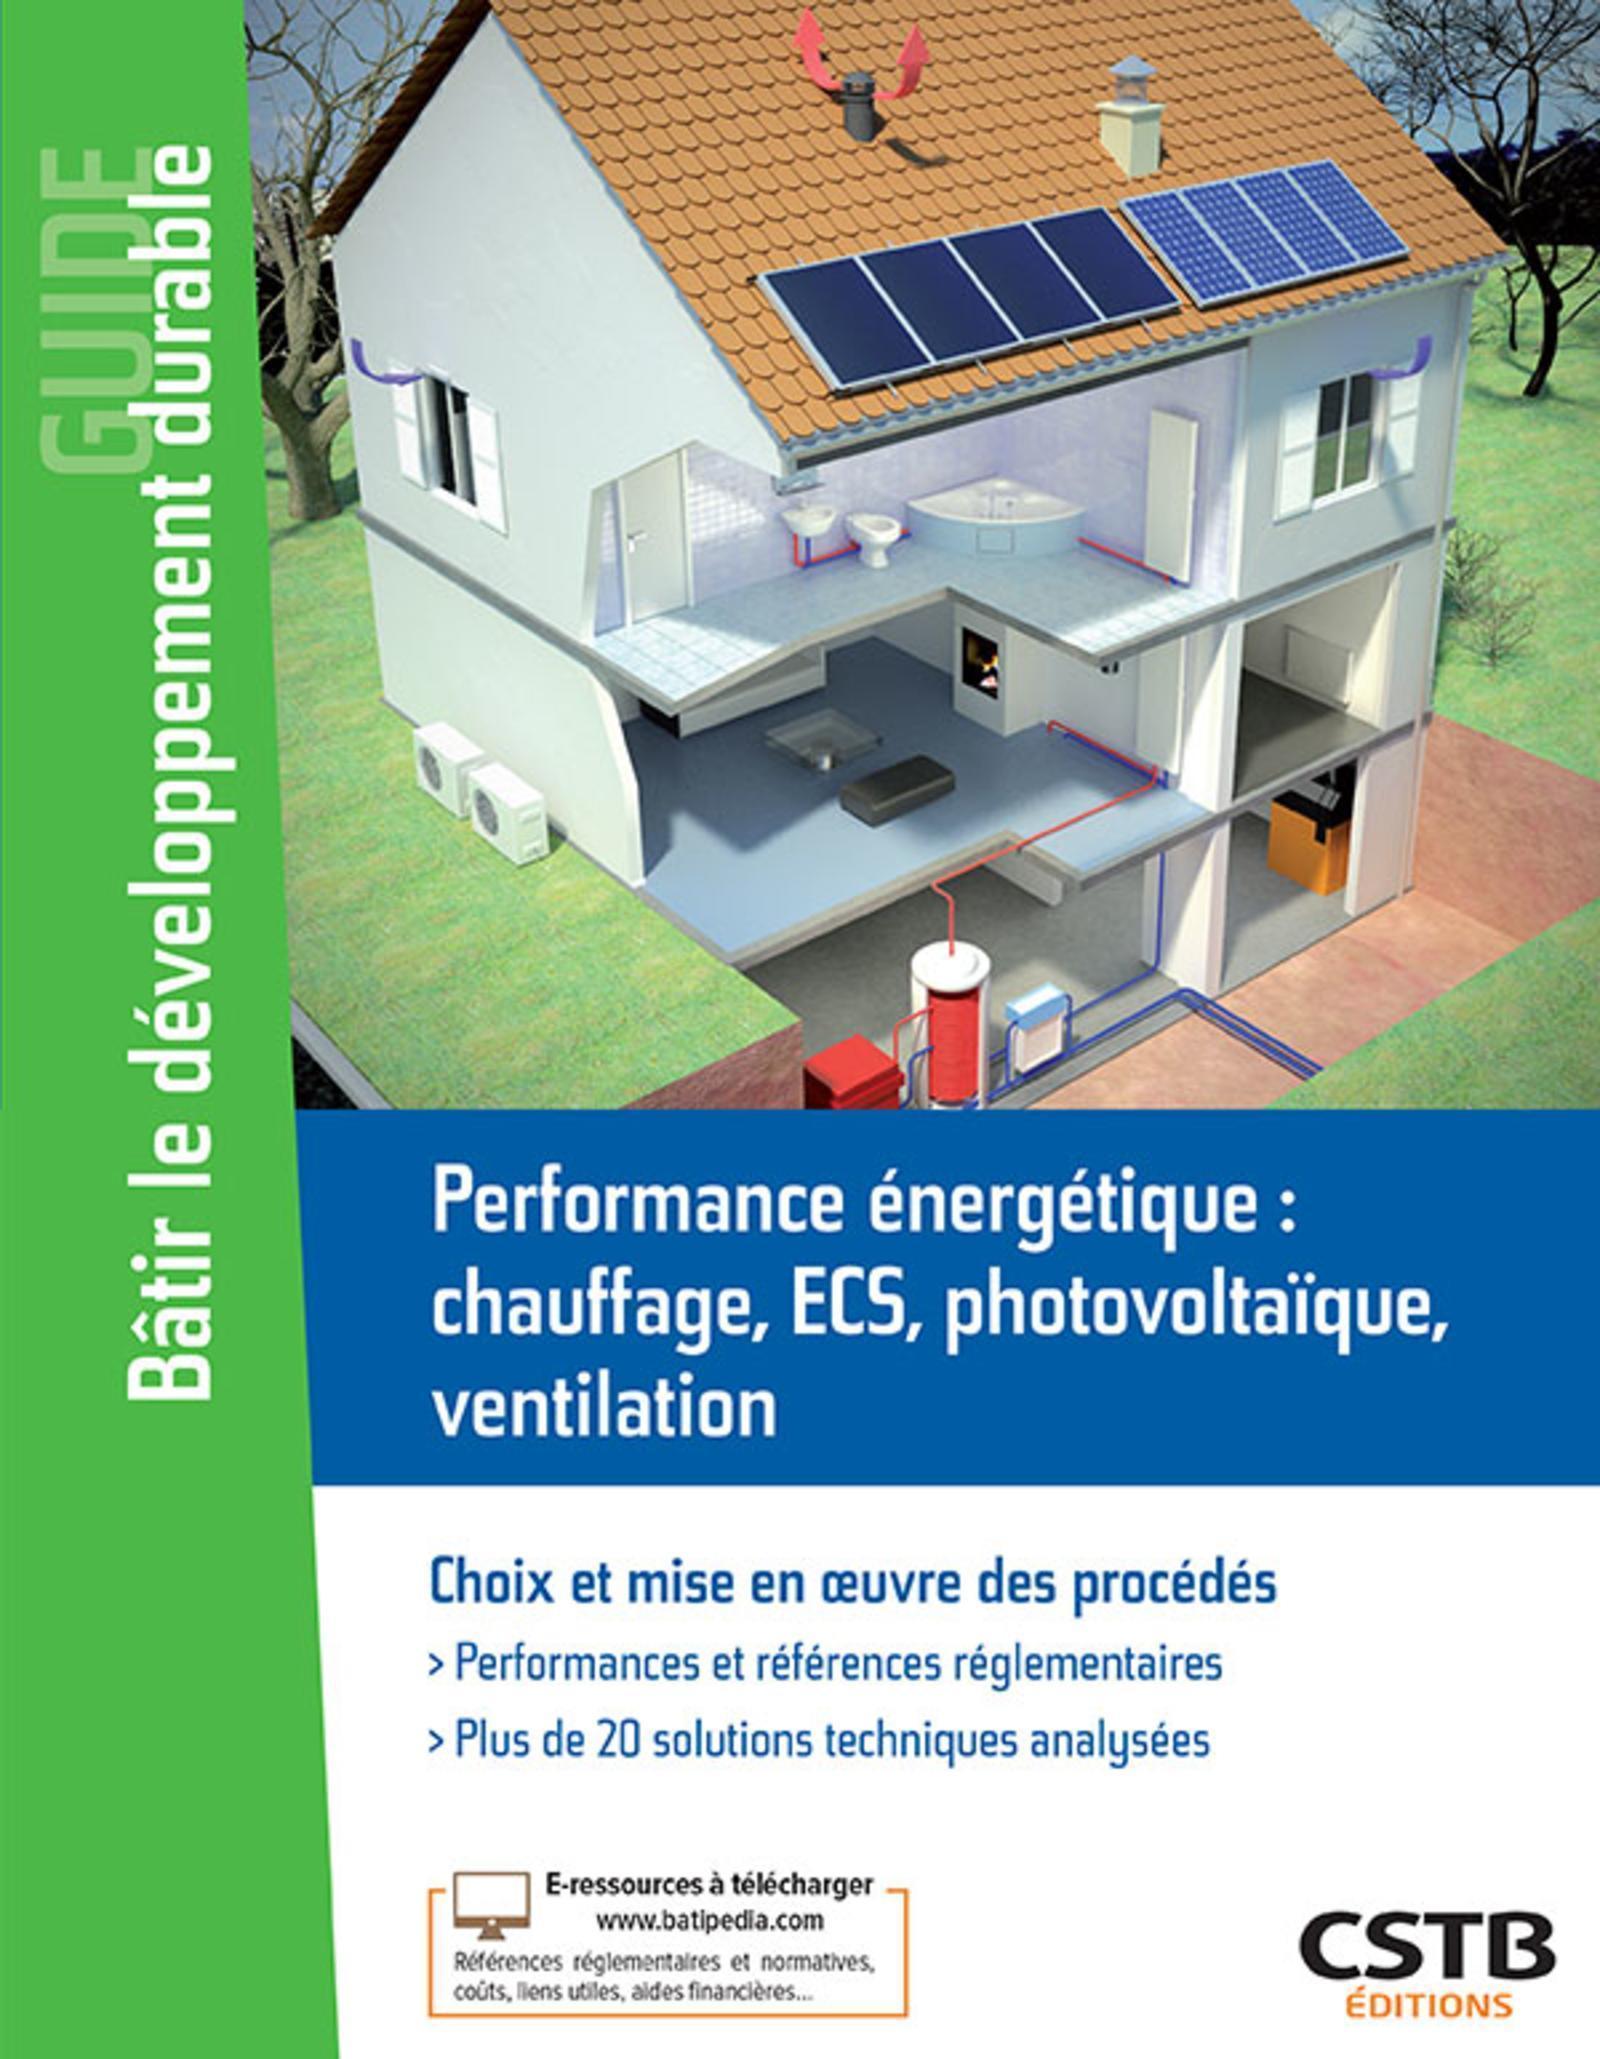 PERFORMANCE ENERGETIQUE : CHAUFFAGE, ECS, PHOTOVOLTAIQUE, VENTILATION - CHOIX ET MISE EN OEUVRE DES